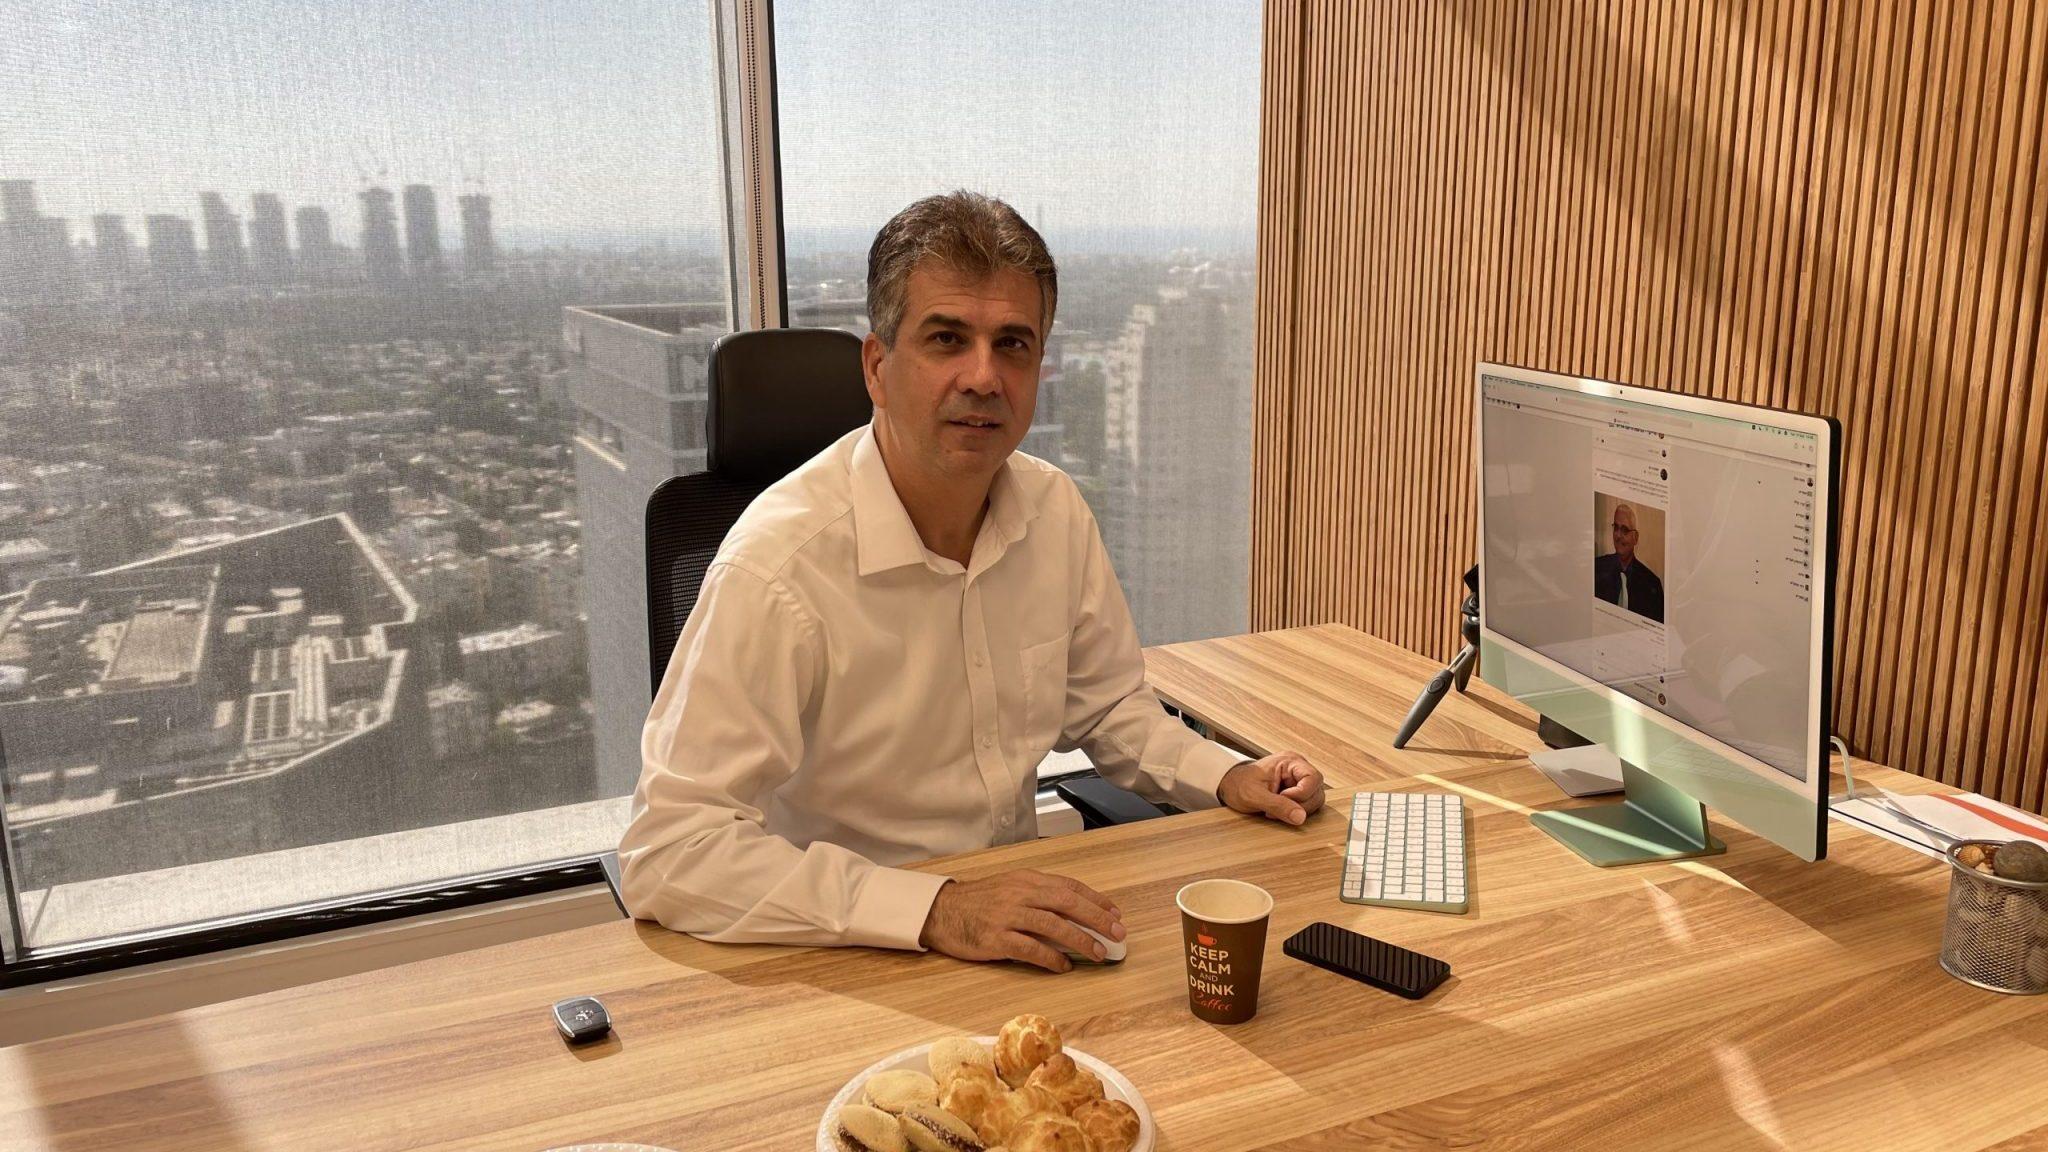 השר לשעבר ח״כ אלי כהן ערך ביקור במשרדי מייקי: ״רשת חברתית חשובה – אצטרף אליה״